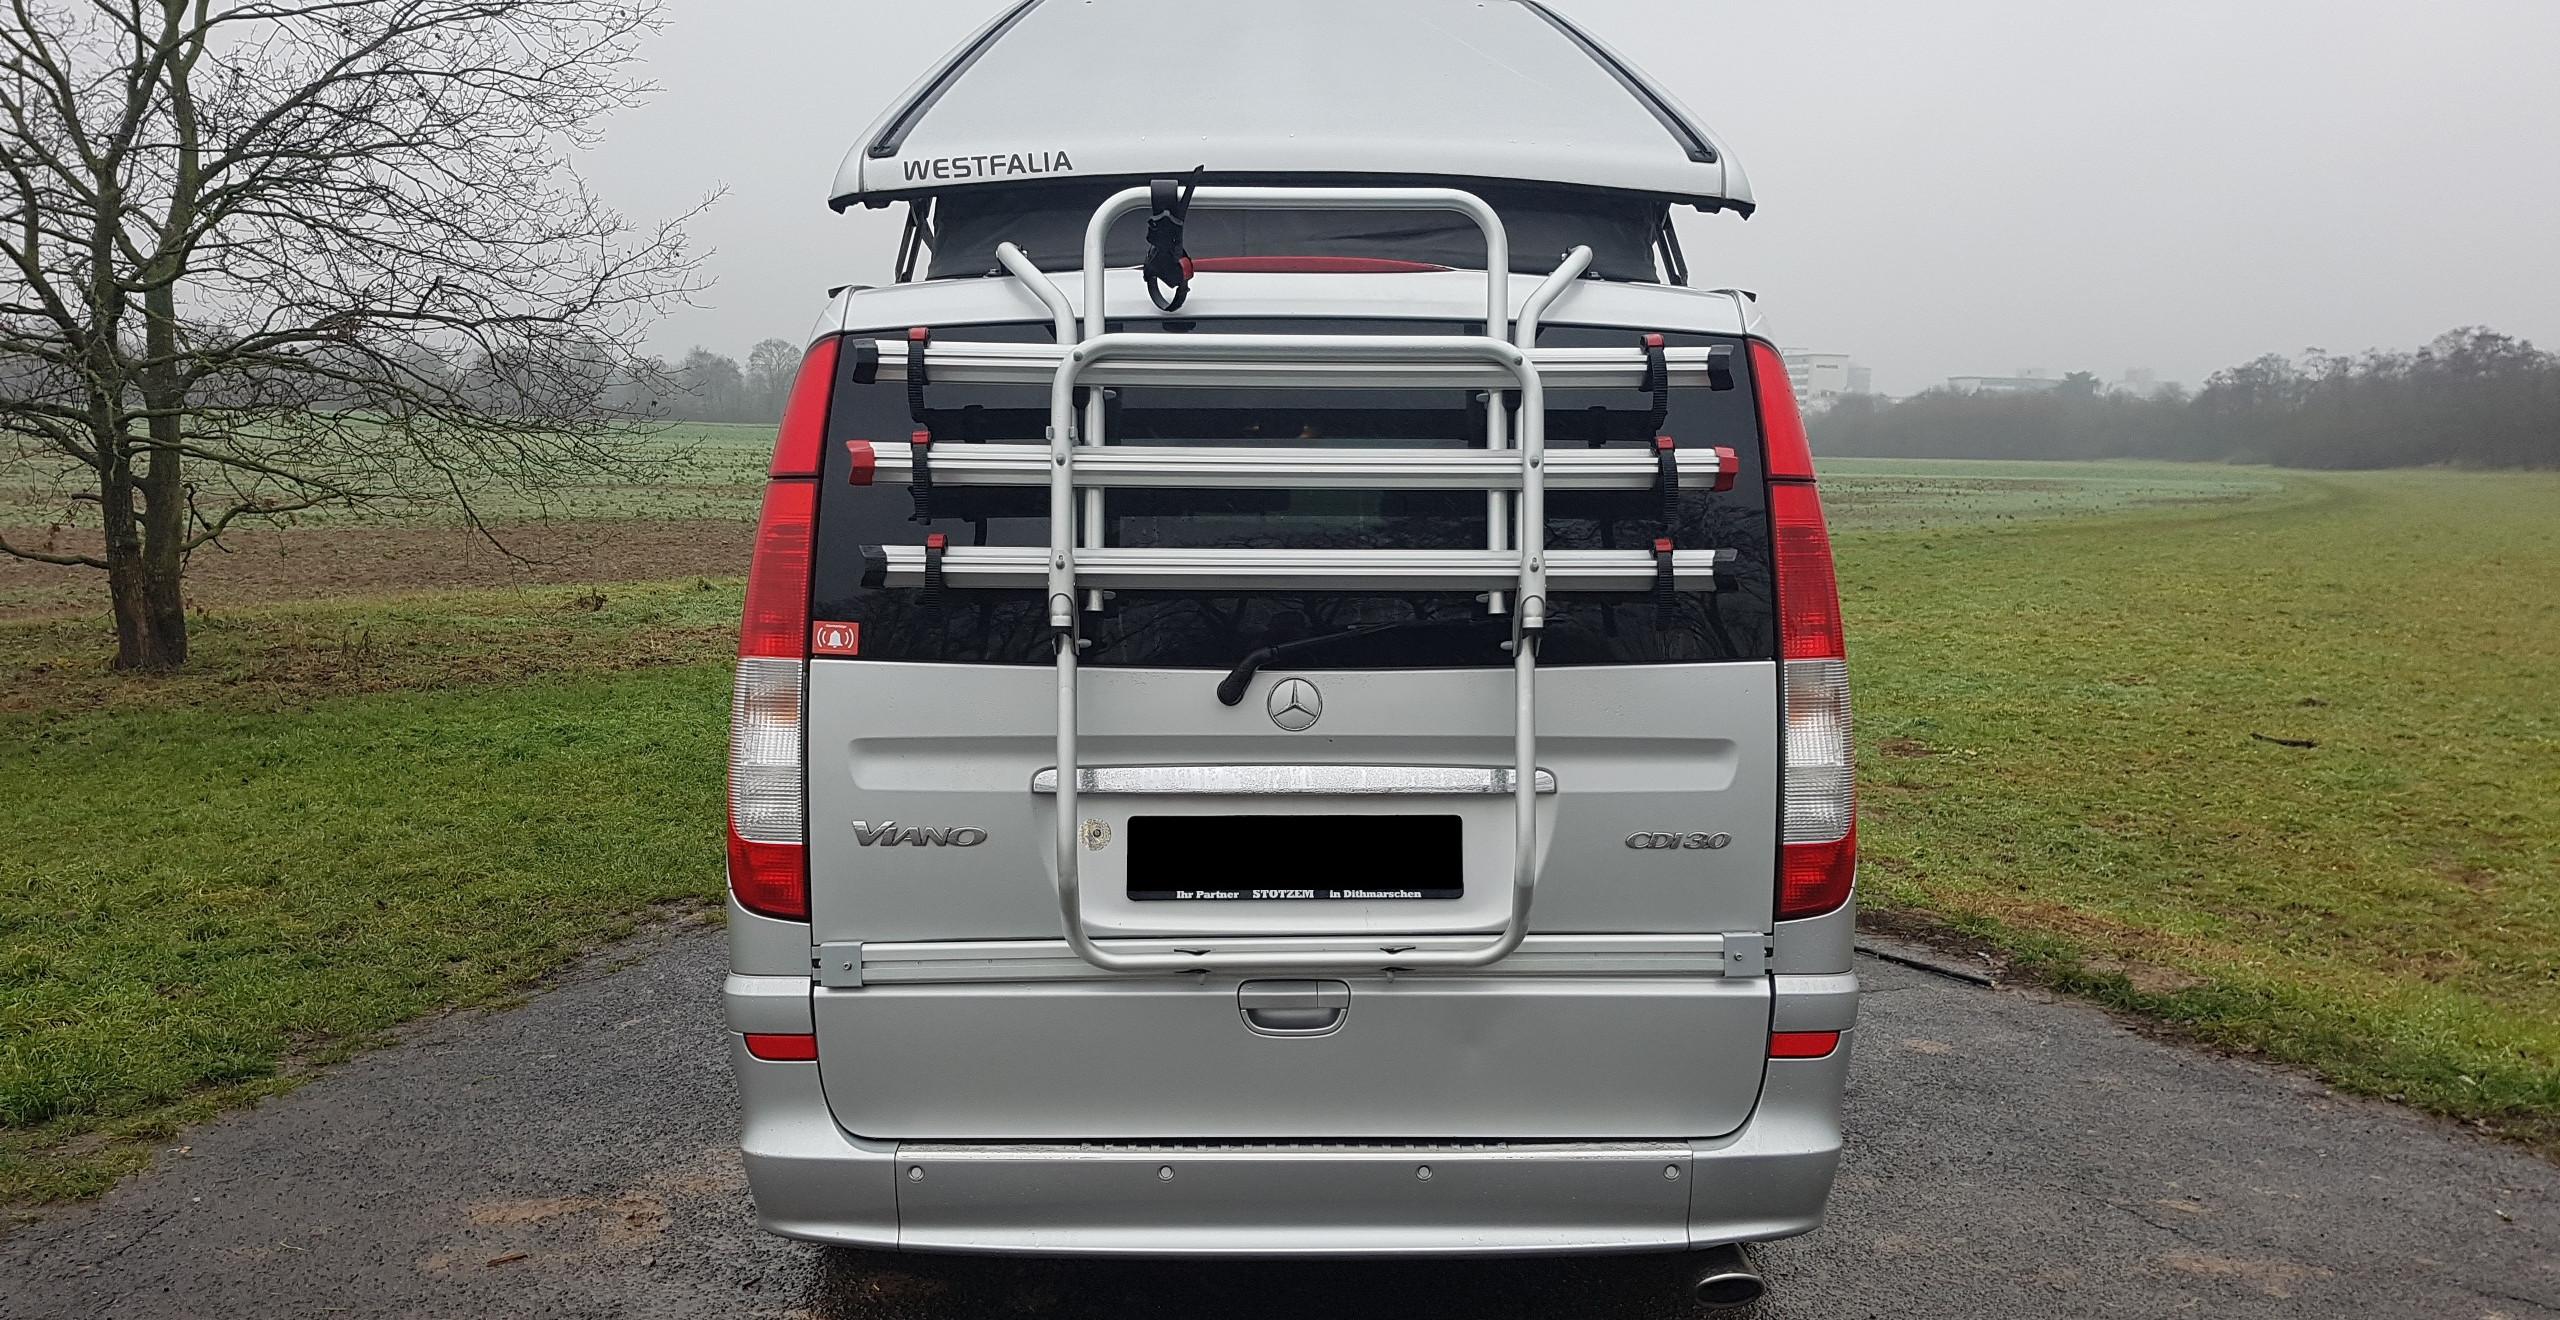 Import Auto Allemagne - Auto Convoi Allemagne - Mercedes Benz Viano Marco Polo X-Clusive 3.0 V6 CDI 204ch